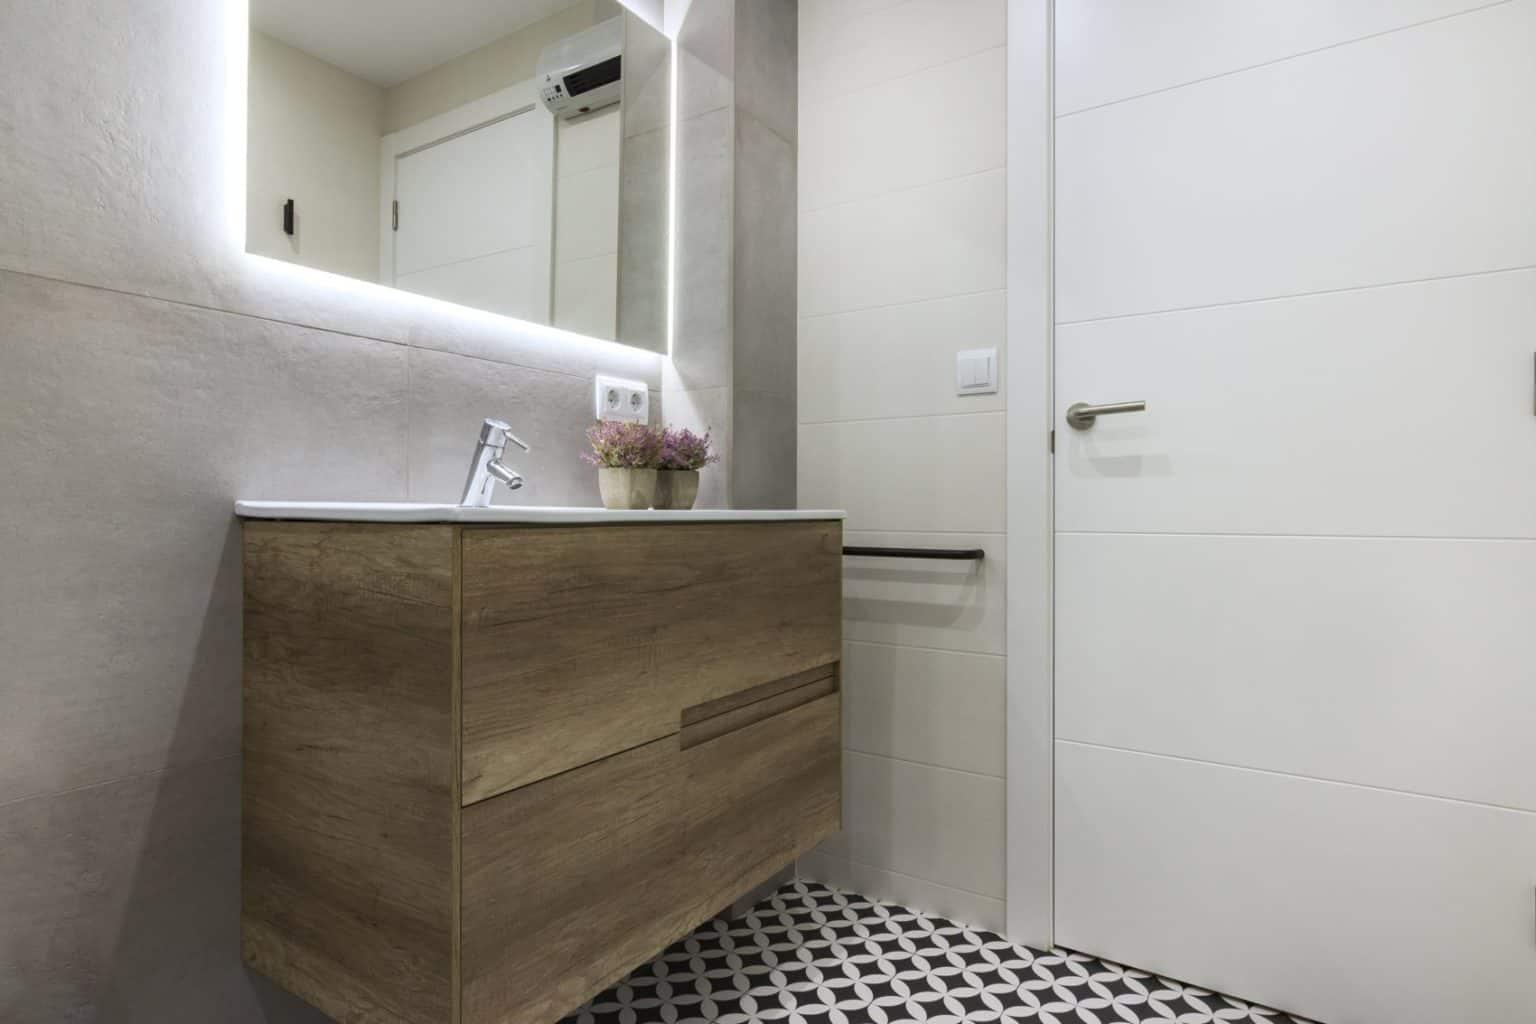 reforma de baños en barcelona, reforma de baños les corts barcelona